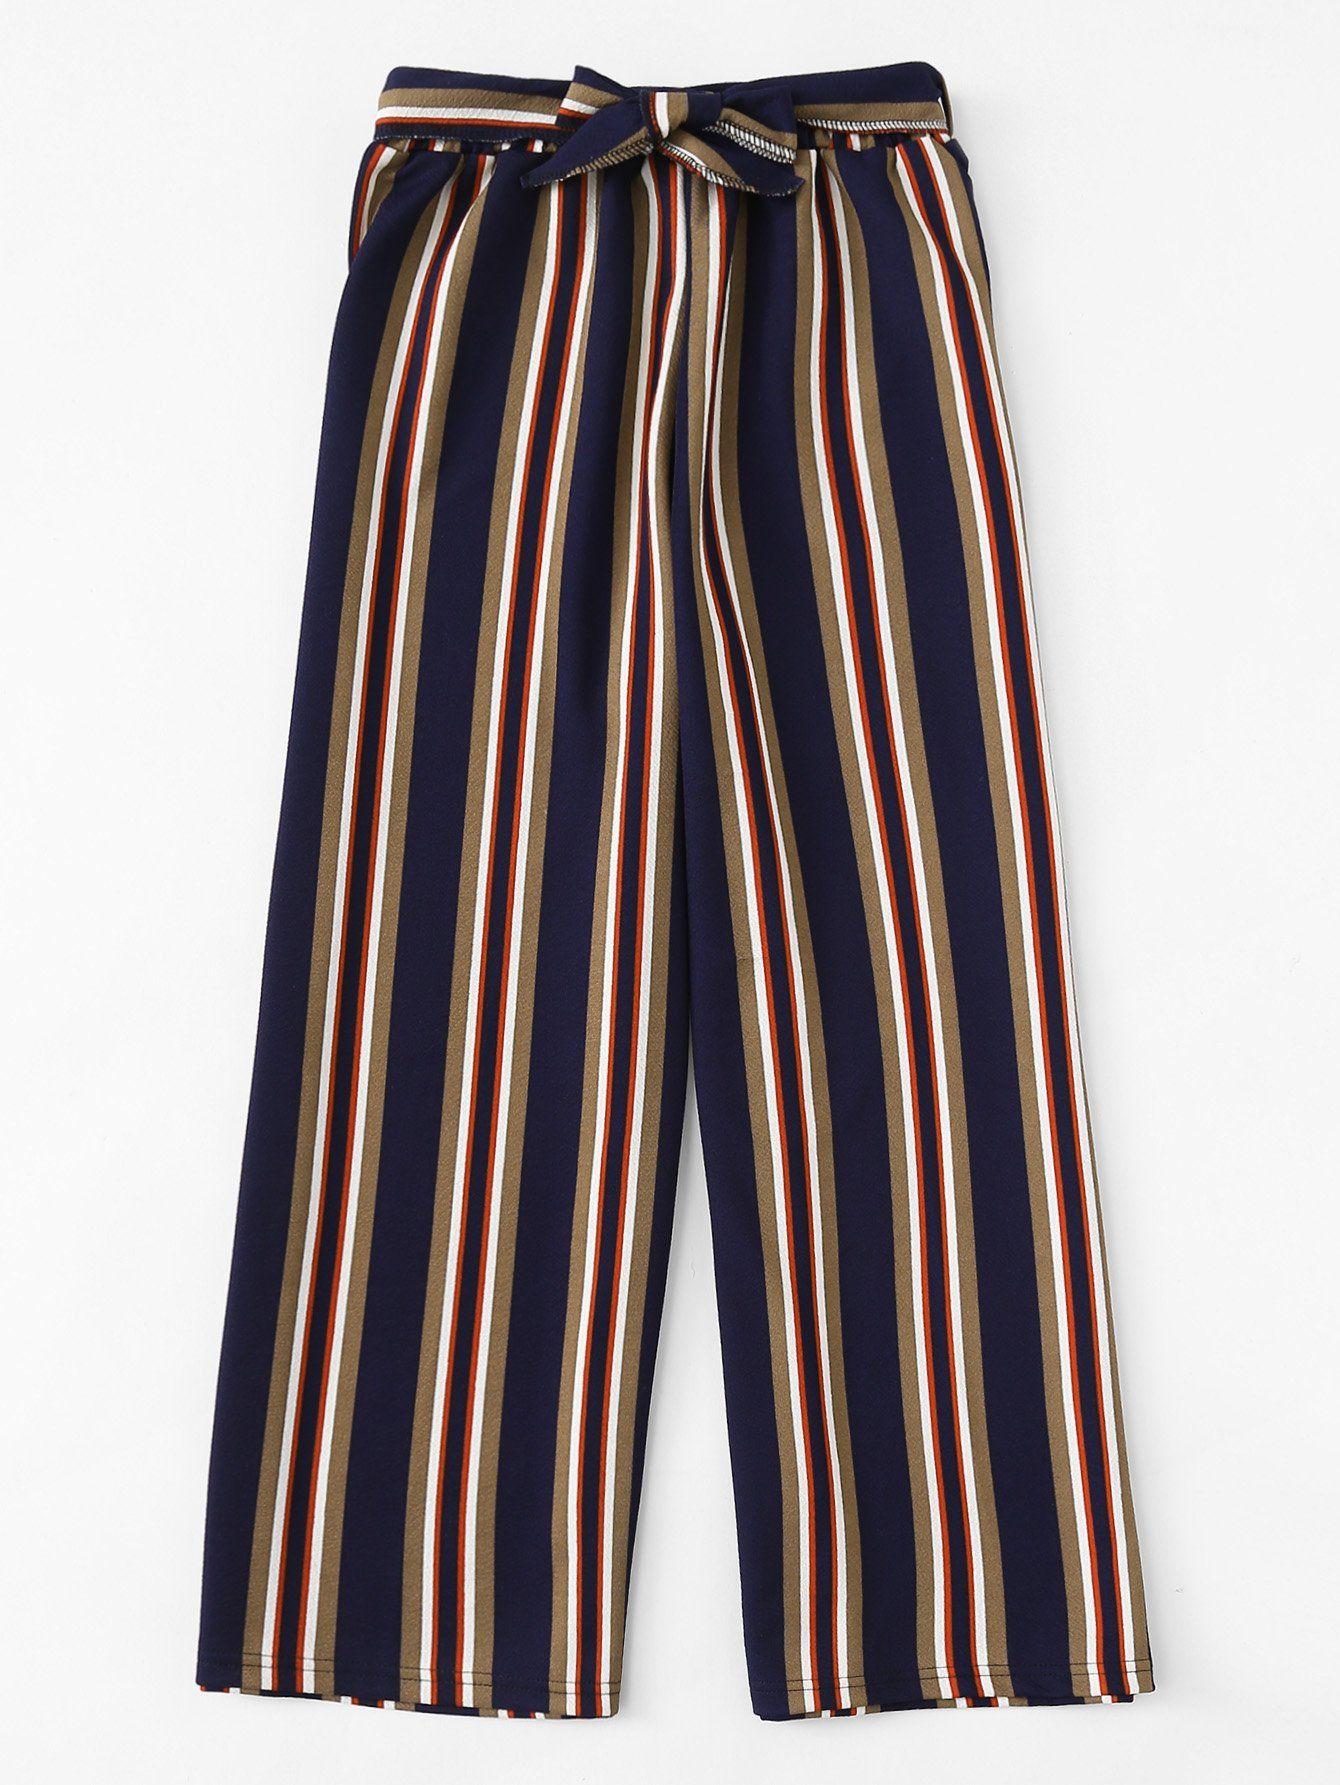 Romwe Pantalones Anchos De Rayas Block Con Diseno De Cordon Pantalones De Moda Ropa Pantalones